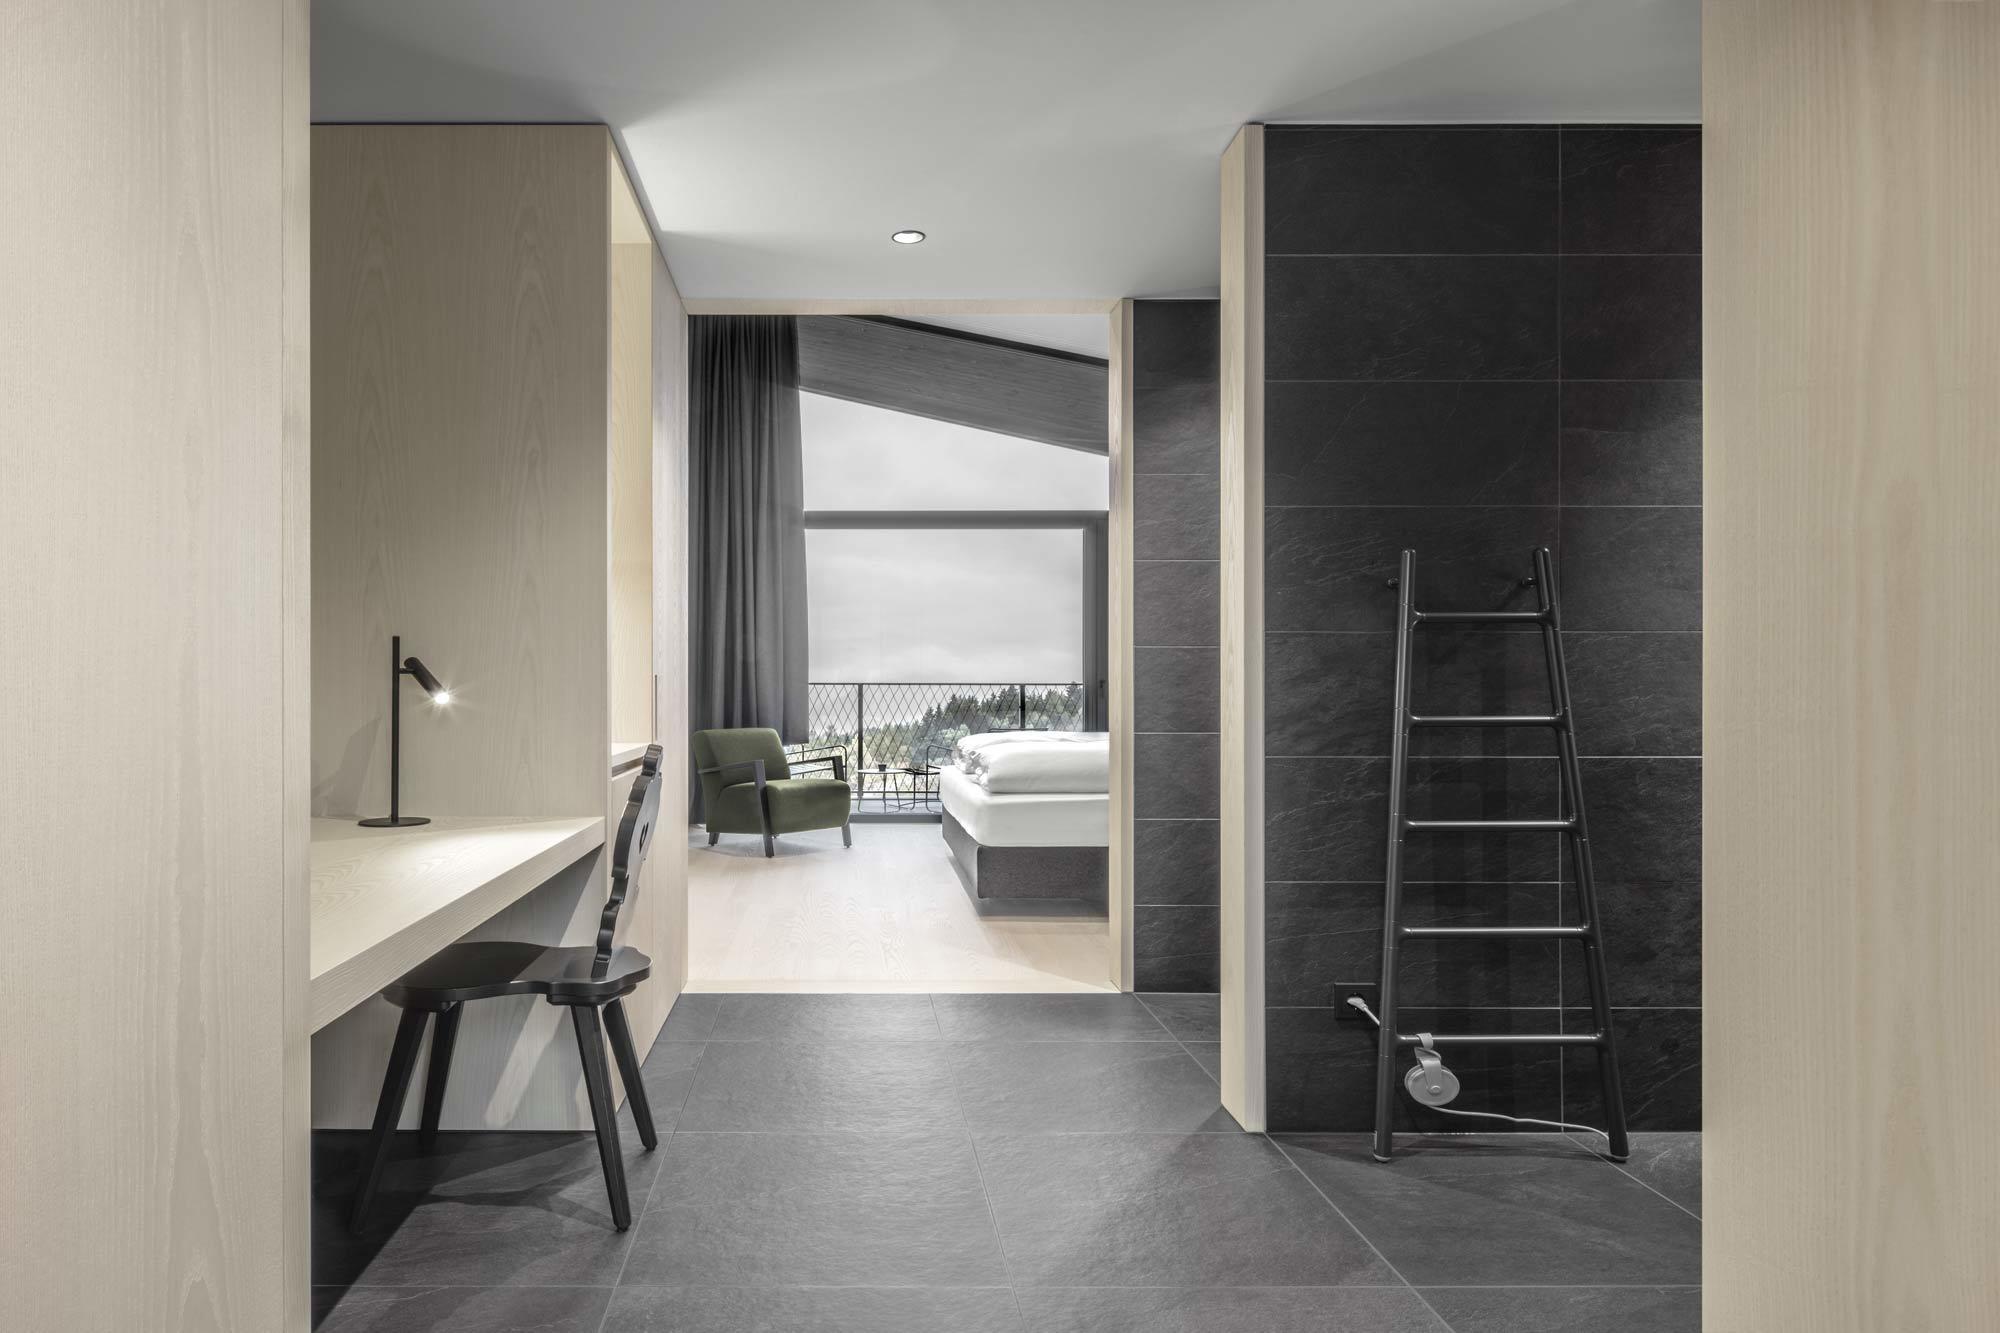 Zu dem schwarzen Holz der Fassade des Alpen-Hotels Milla Montis von Peter Pichler passen die in schwarzem Schiefer gehaltenen Bäder und das Spa. Foto: Daniel Zangerl